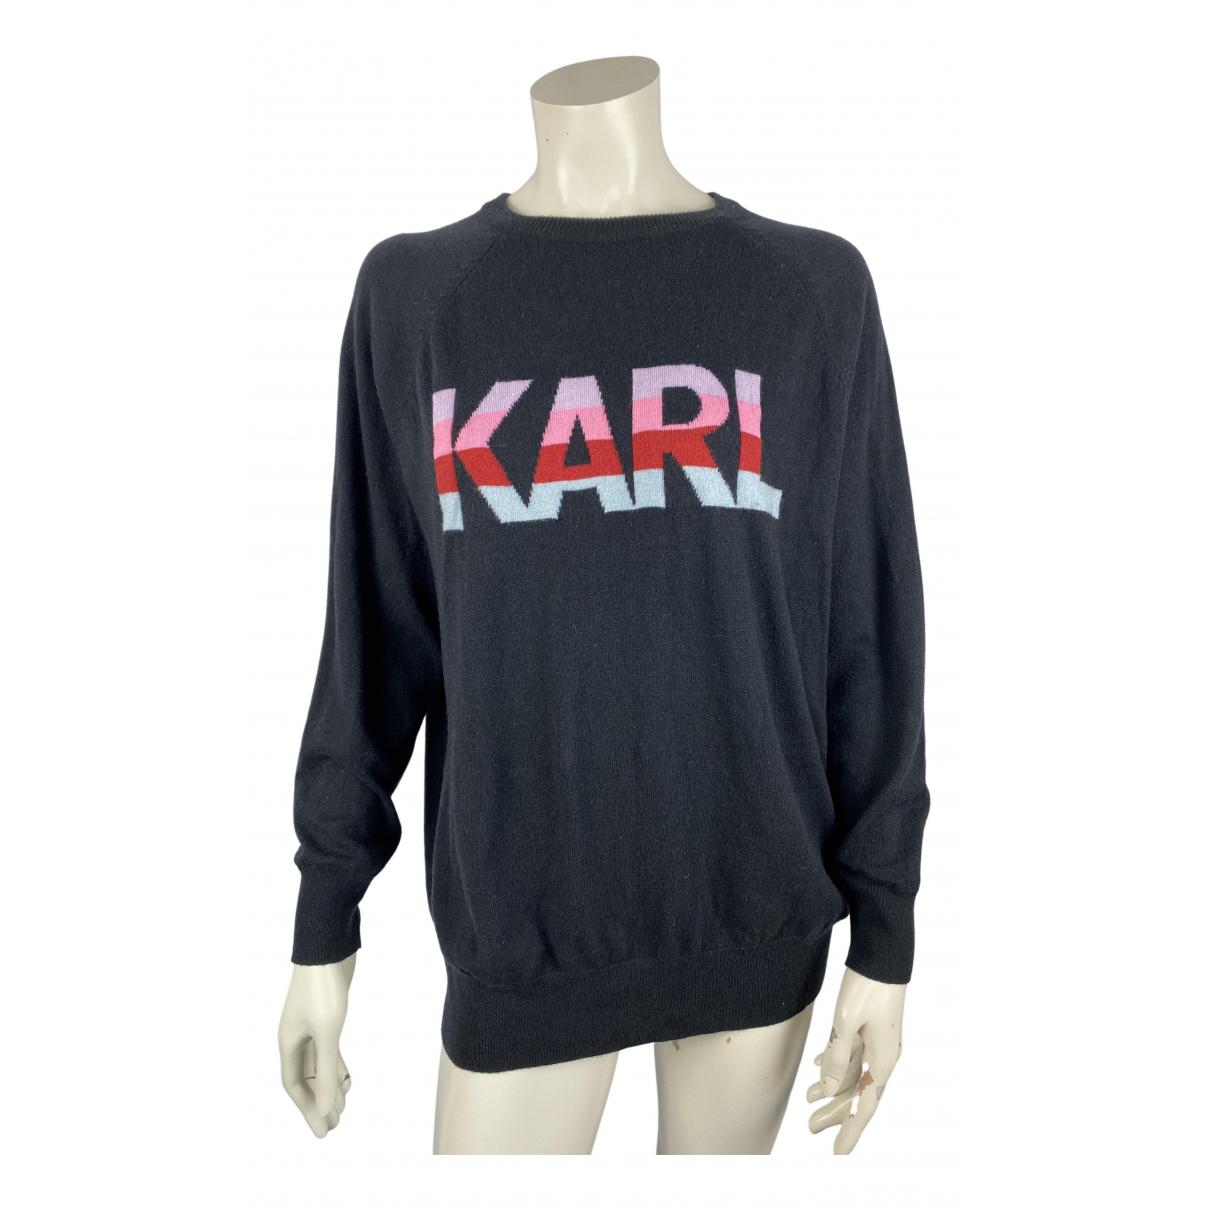 Karl Lagerfeld N Black Wool Knitwear for Women M International